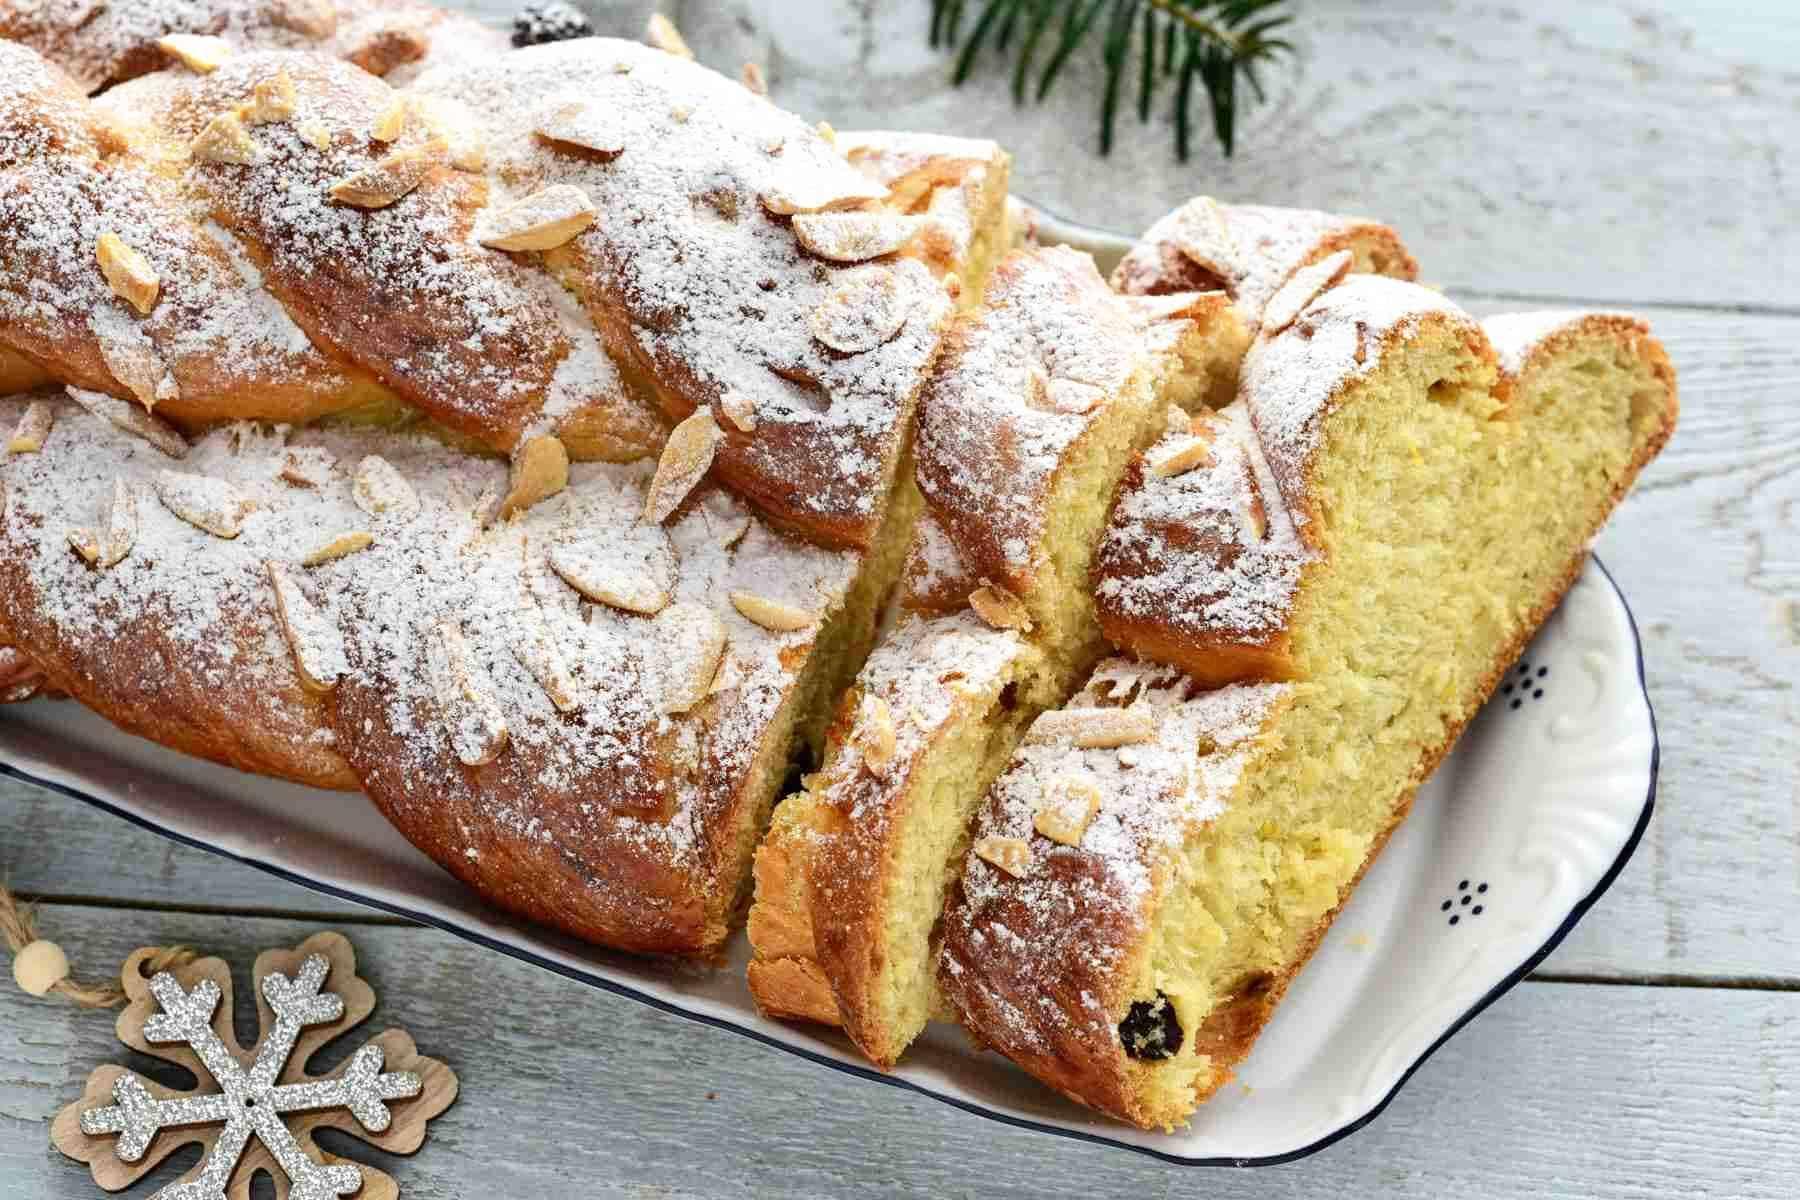 czech vánočka braided christmas bread